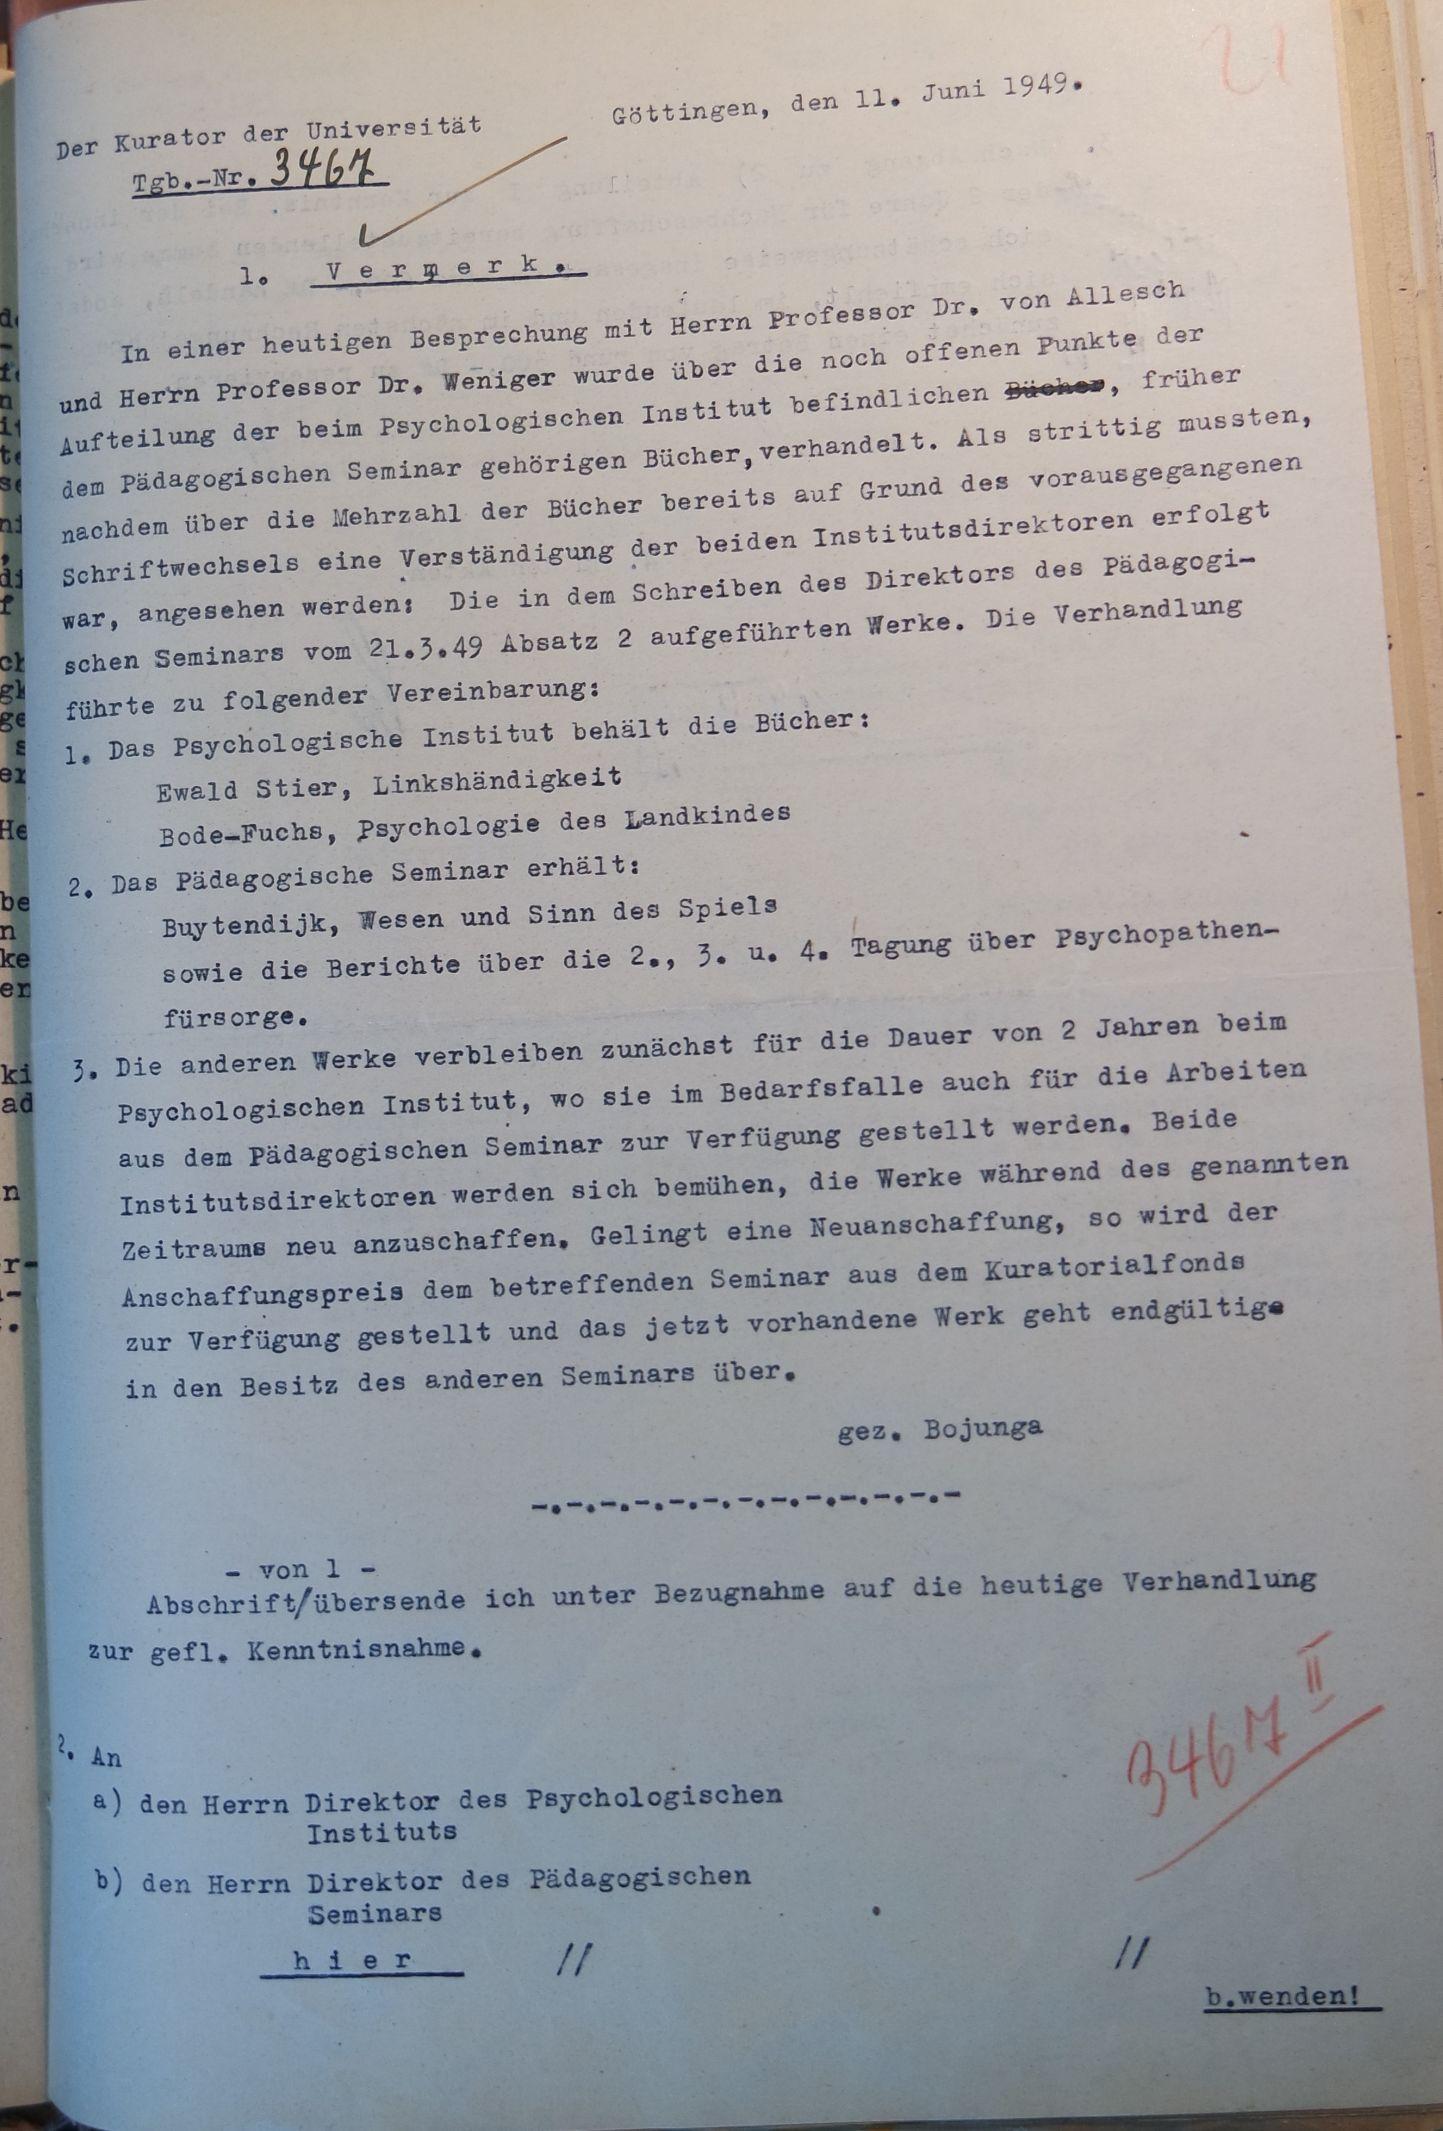 Brief des Kurators der Universität vom 11.06.1949 an Weniger und an von Allesch, betreffend die Rückgabe der Bücher des Psychologischen Instituts an das Pädagogische Seminar. Quelle: Universitätsarchiv Göttingen, Kur. 1264, 21.